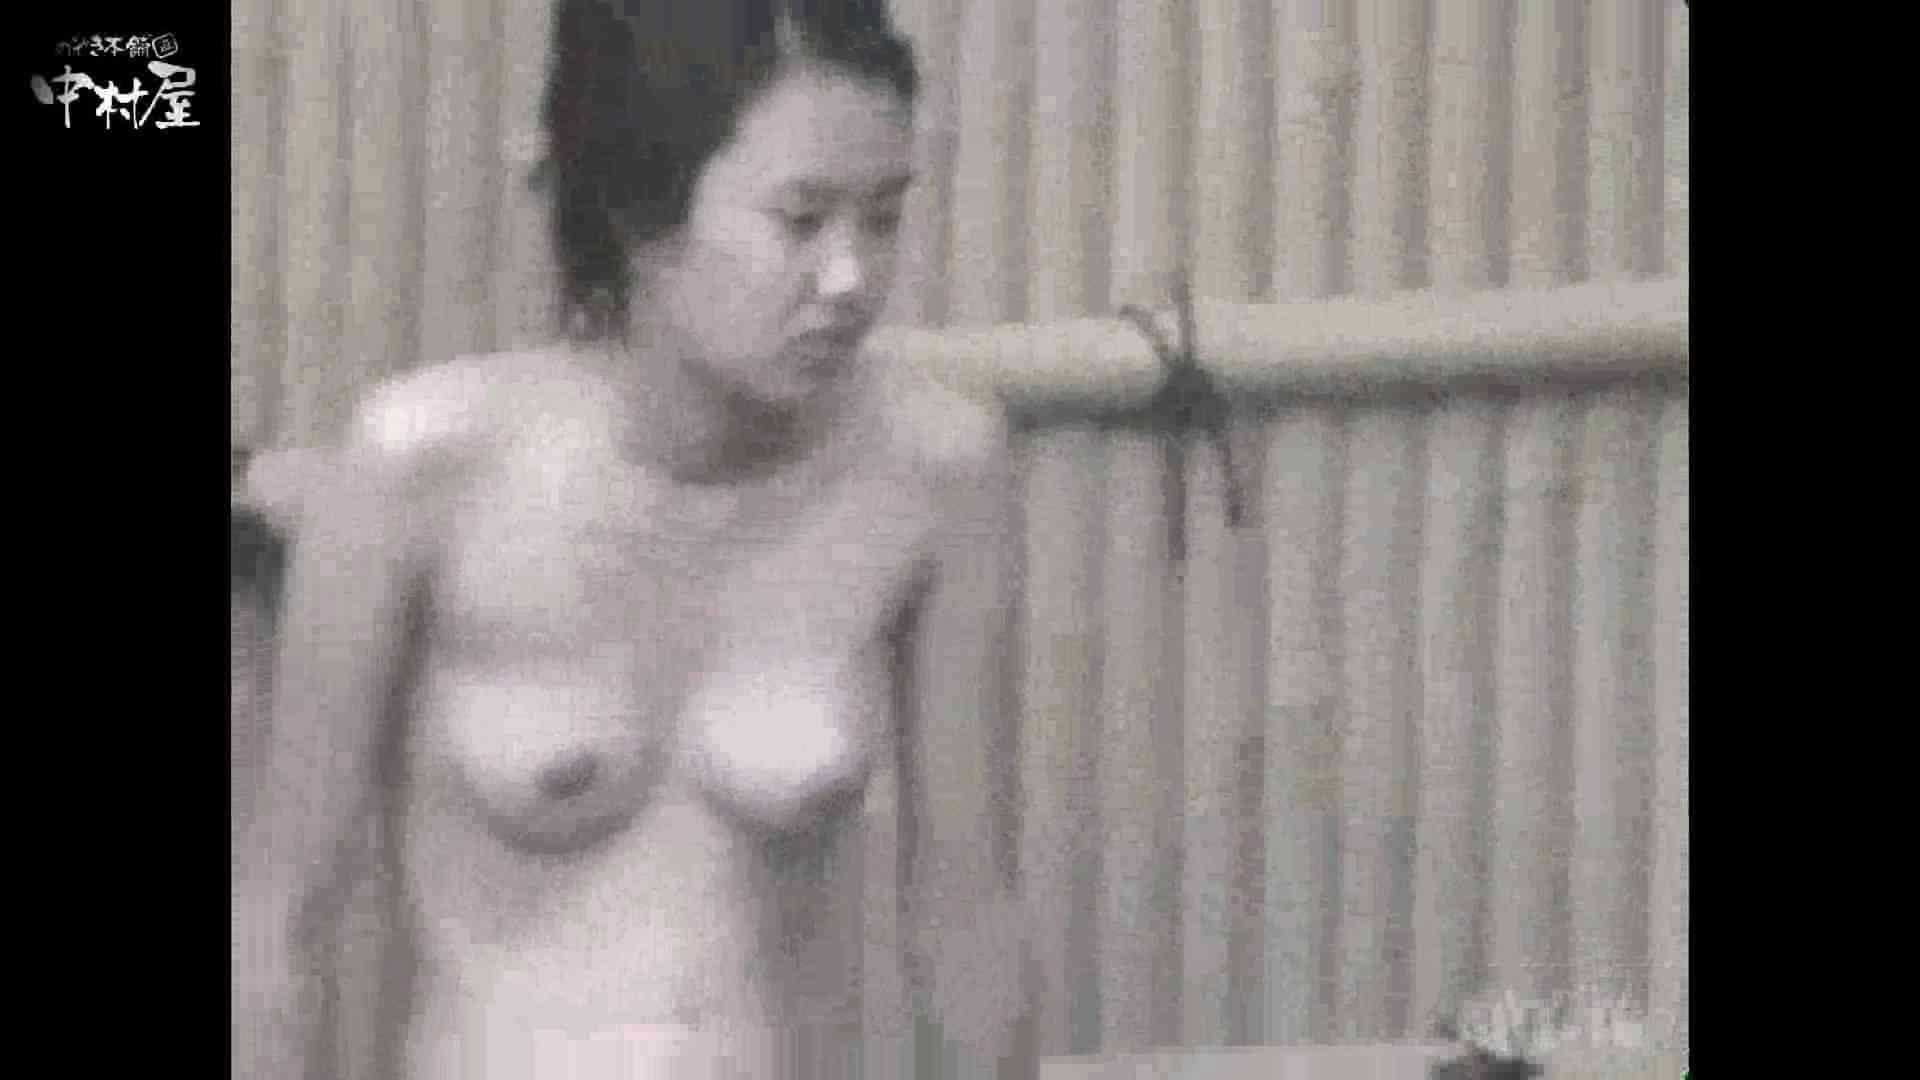 Aquaな露天風呂Vol.874潜入盗撮露天風呂十判湯 其の二 盗撮映像  77Pix 60